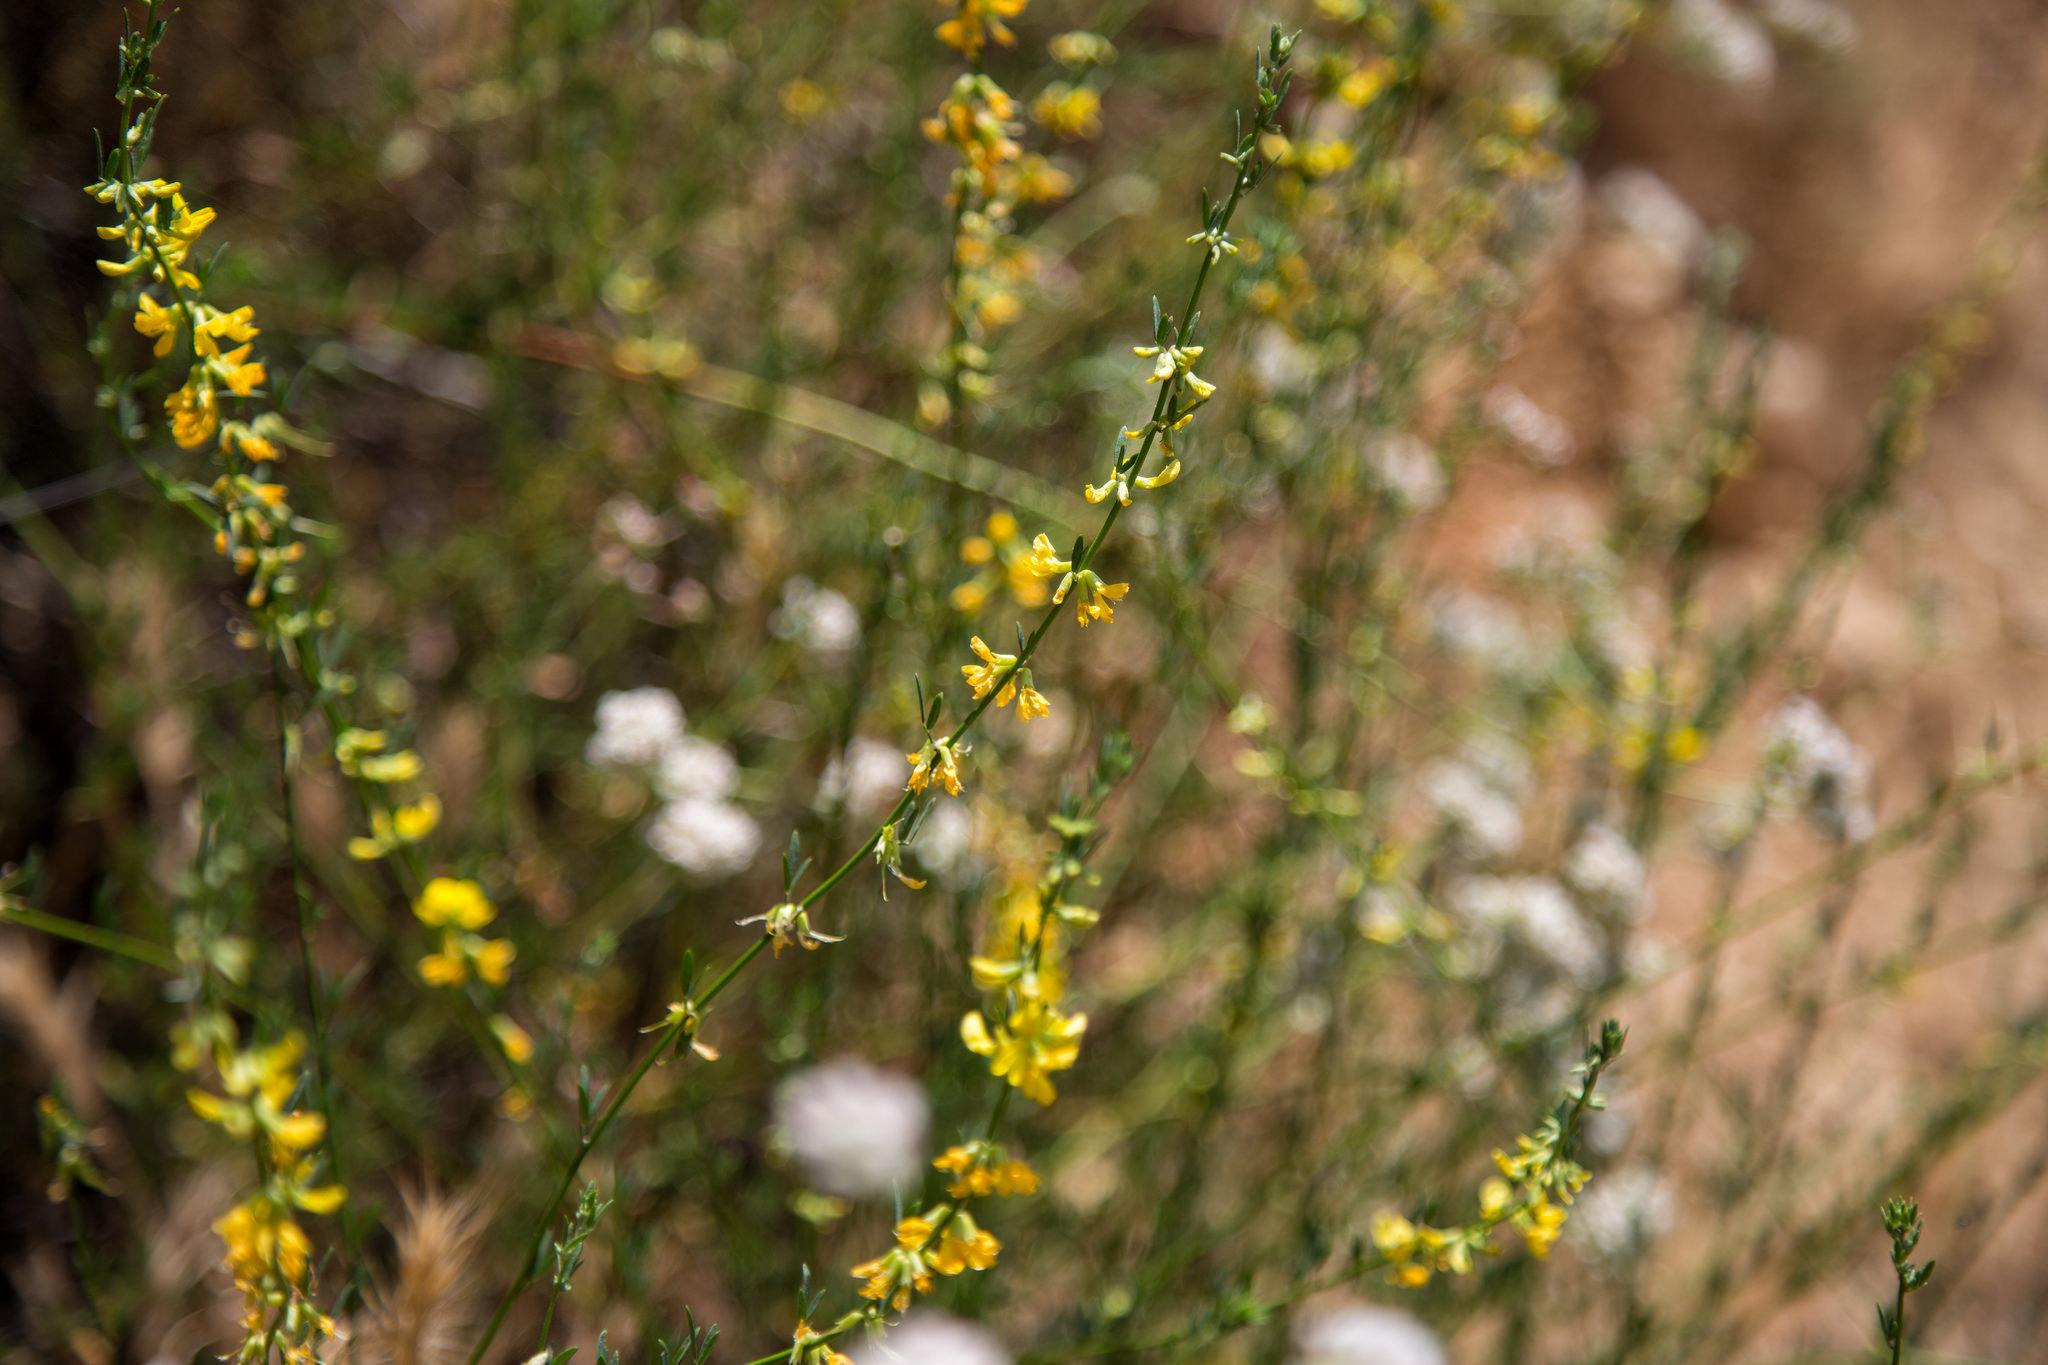 Deerweed